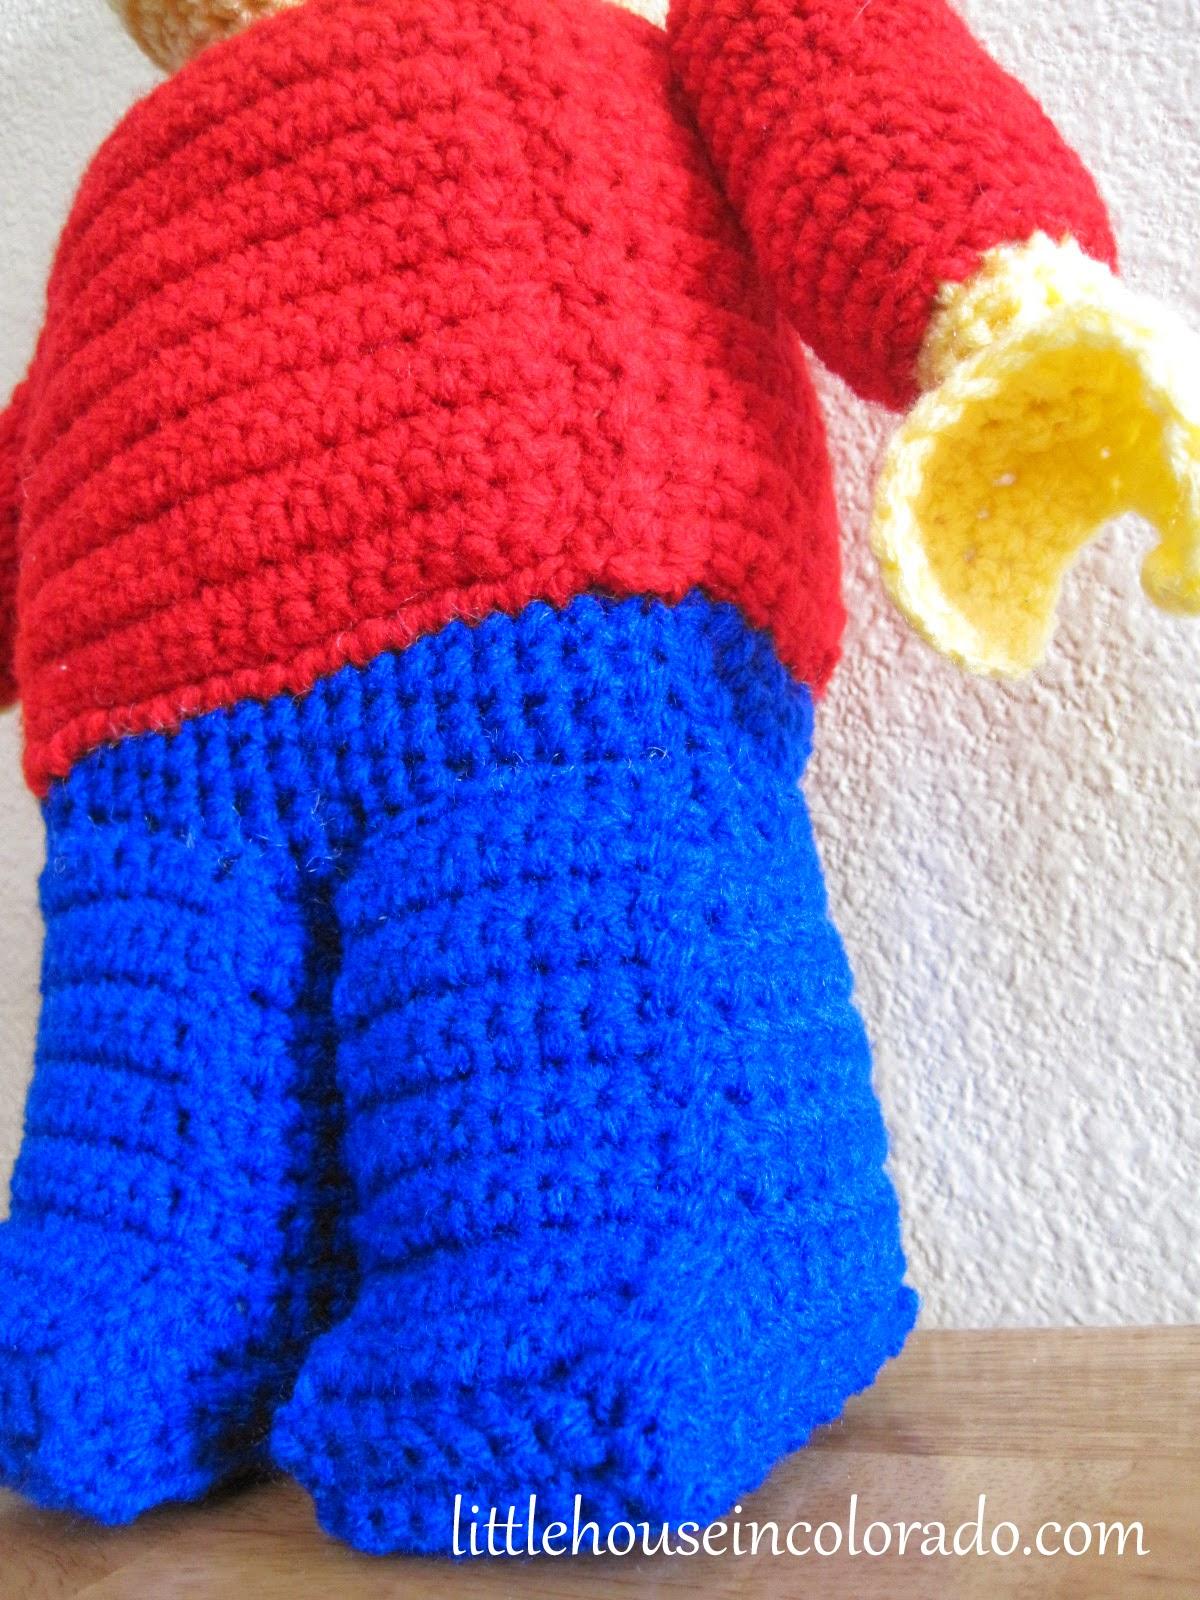 Amigurumi Lego Man : Little House In Colorado: Pattern For Amigurumi Crochet ...